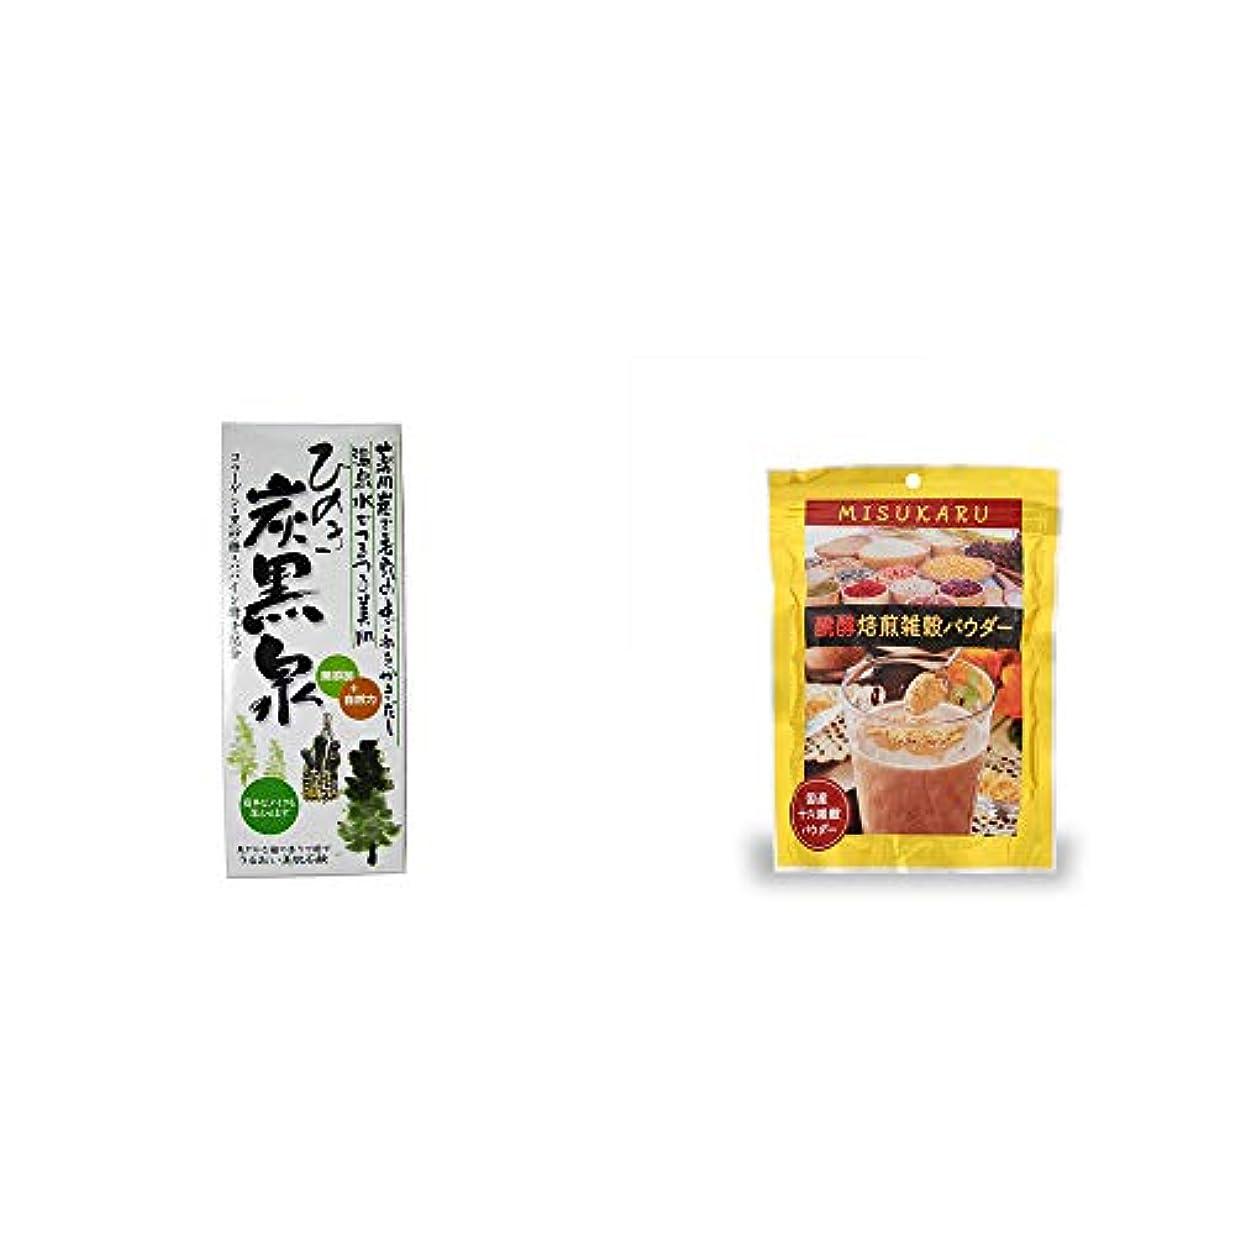 冷蔵庫道路を作るプロセス襲撃[2点セット] ひのき炭黒泉 箱入り(75g×3)?醗酵焙煎雑穀パウダー MISUKARU(ミスカル)(200g)